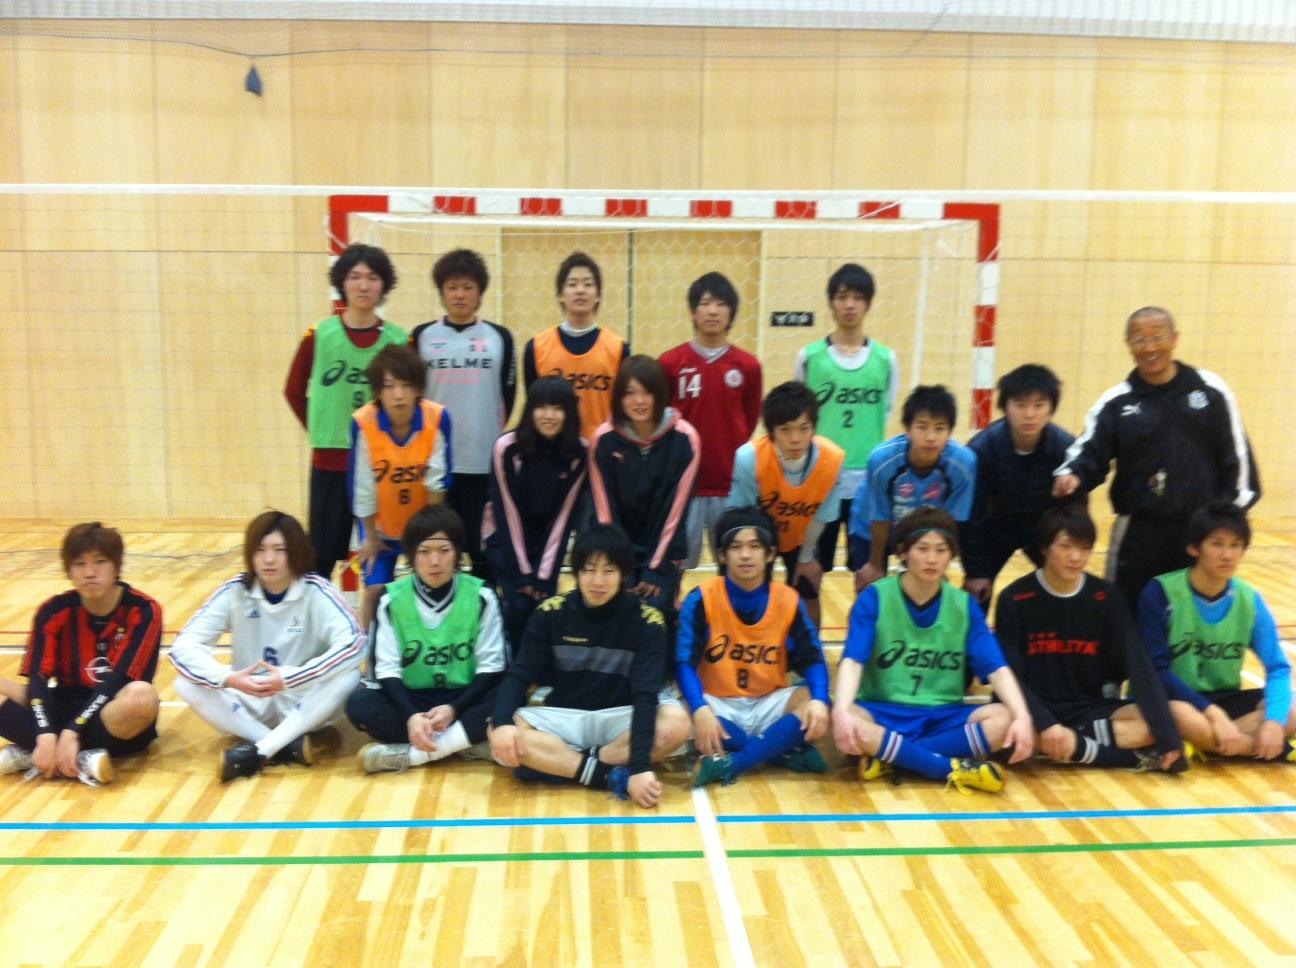 札幌 大学 サッカー 部